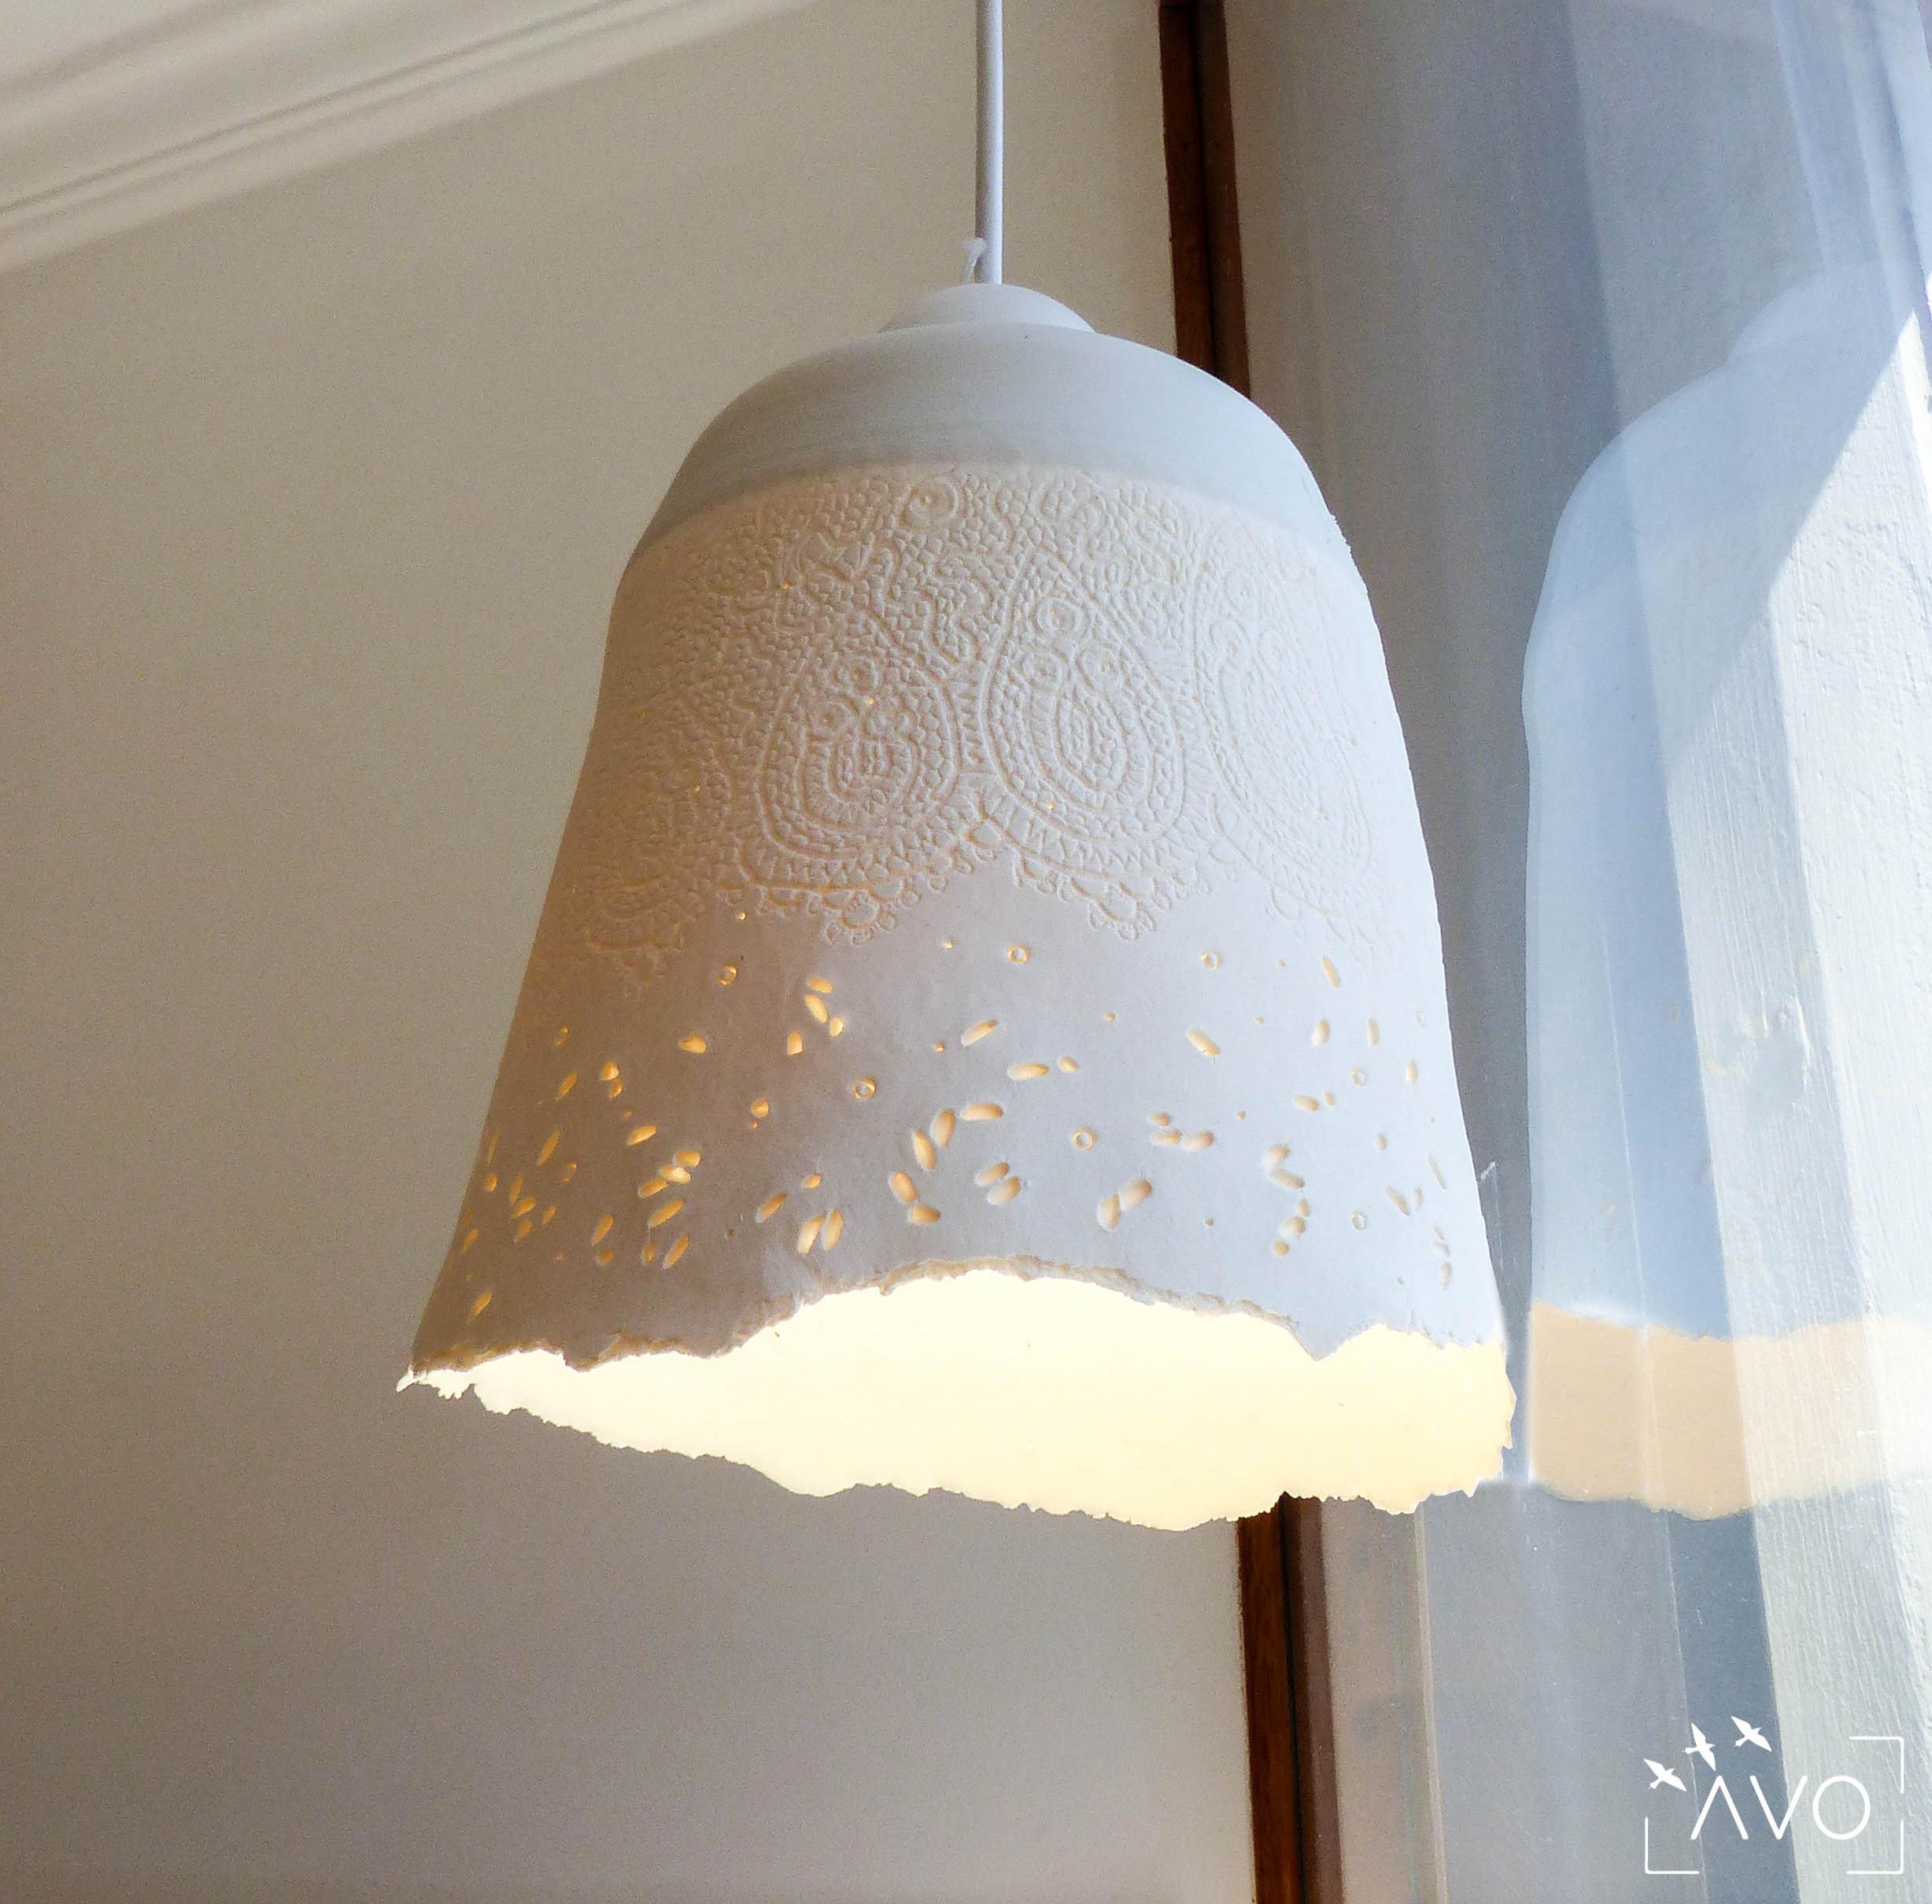 céramique porcelaine st pierre d'allevard luminaire riz grain suspensions